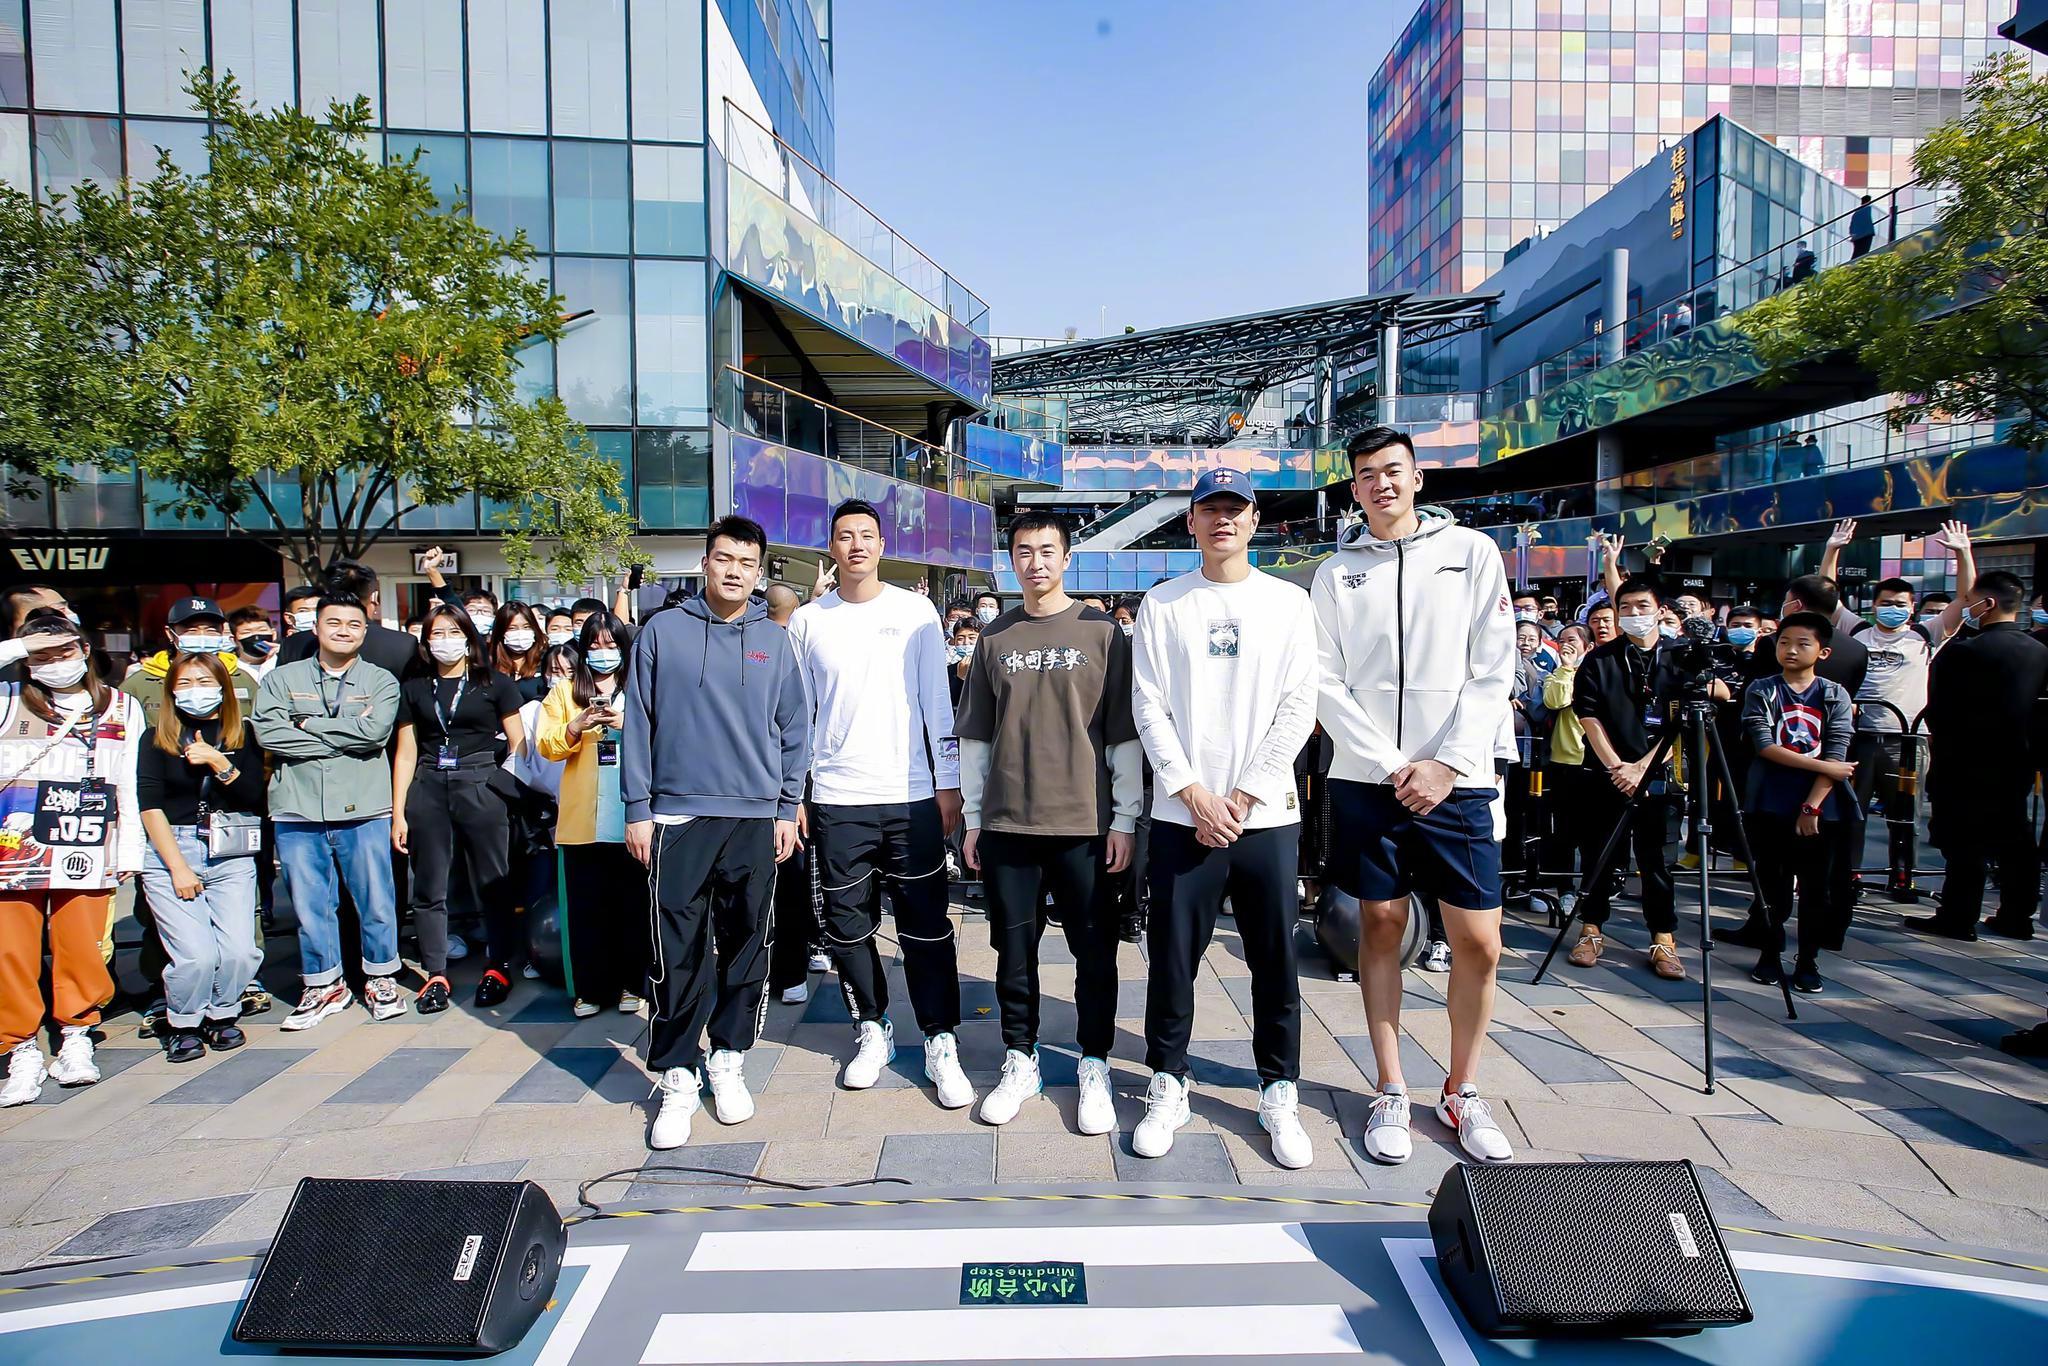 北京首钢球员翟晓川、朱彦西、李慕豪、张才仁、王骁辉